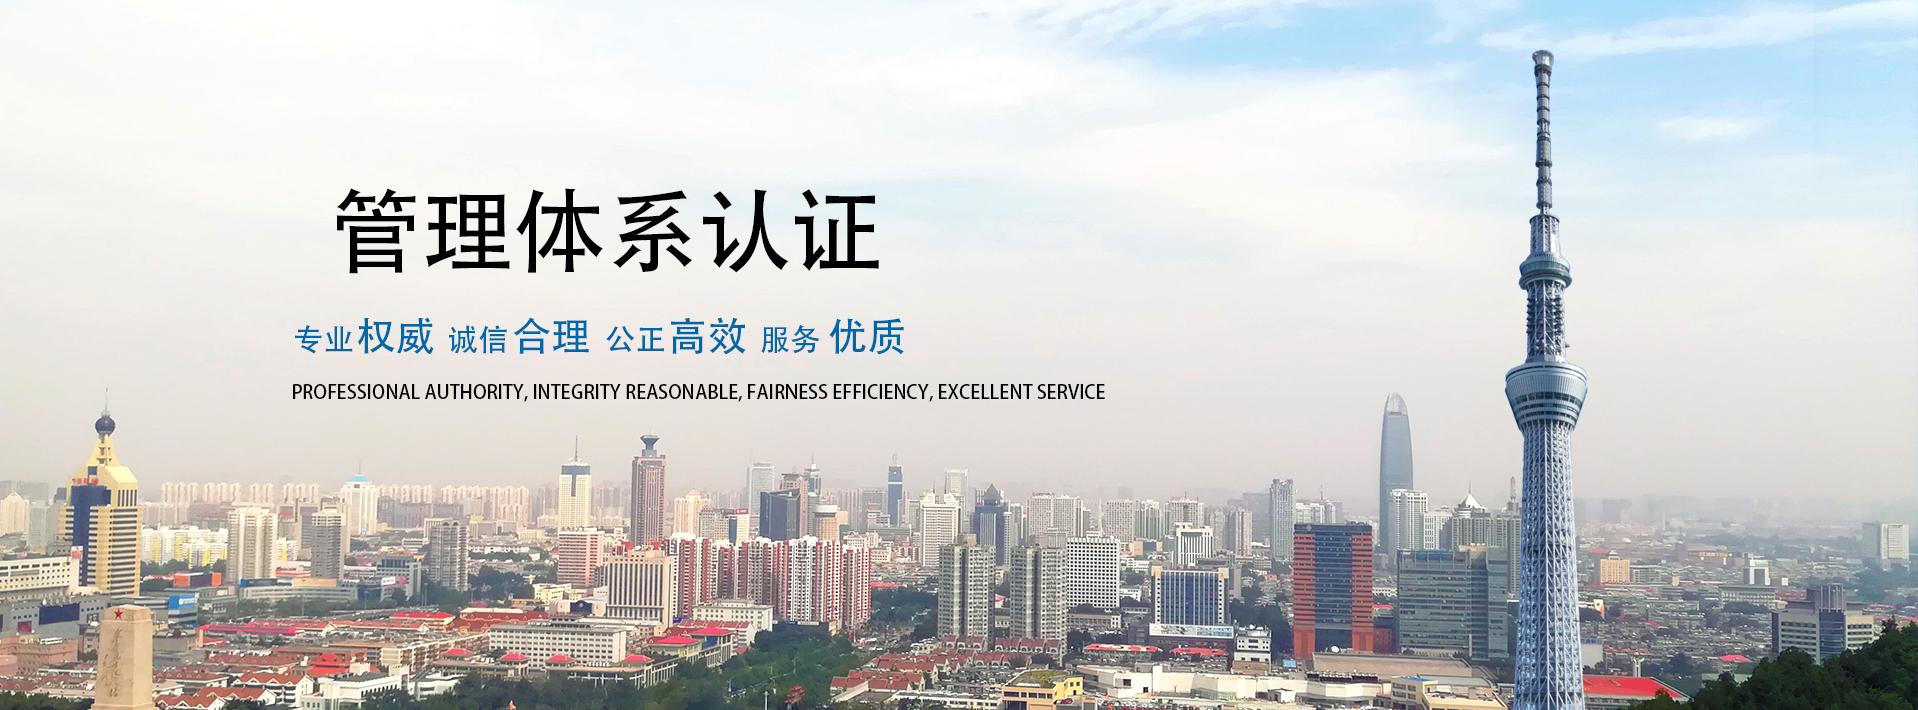 淮安ISO9001认证机构